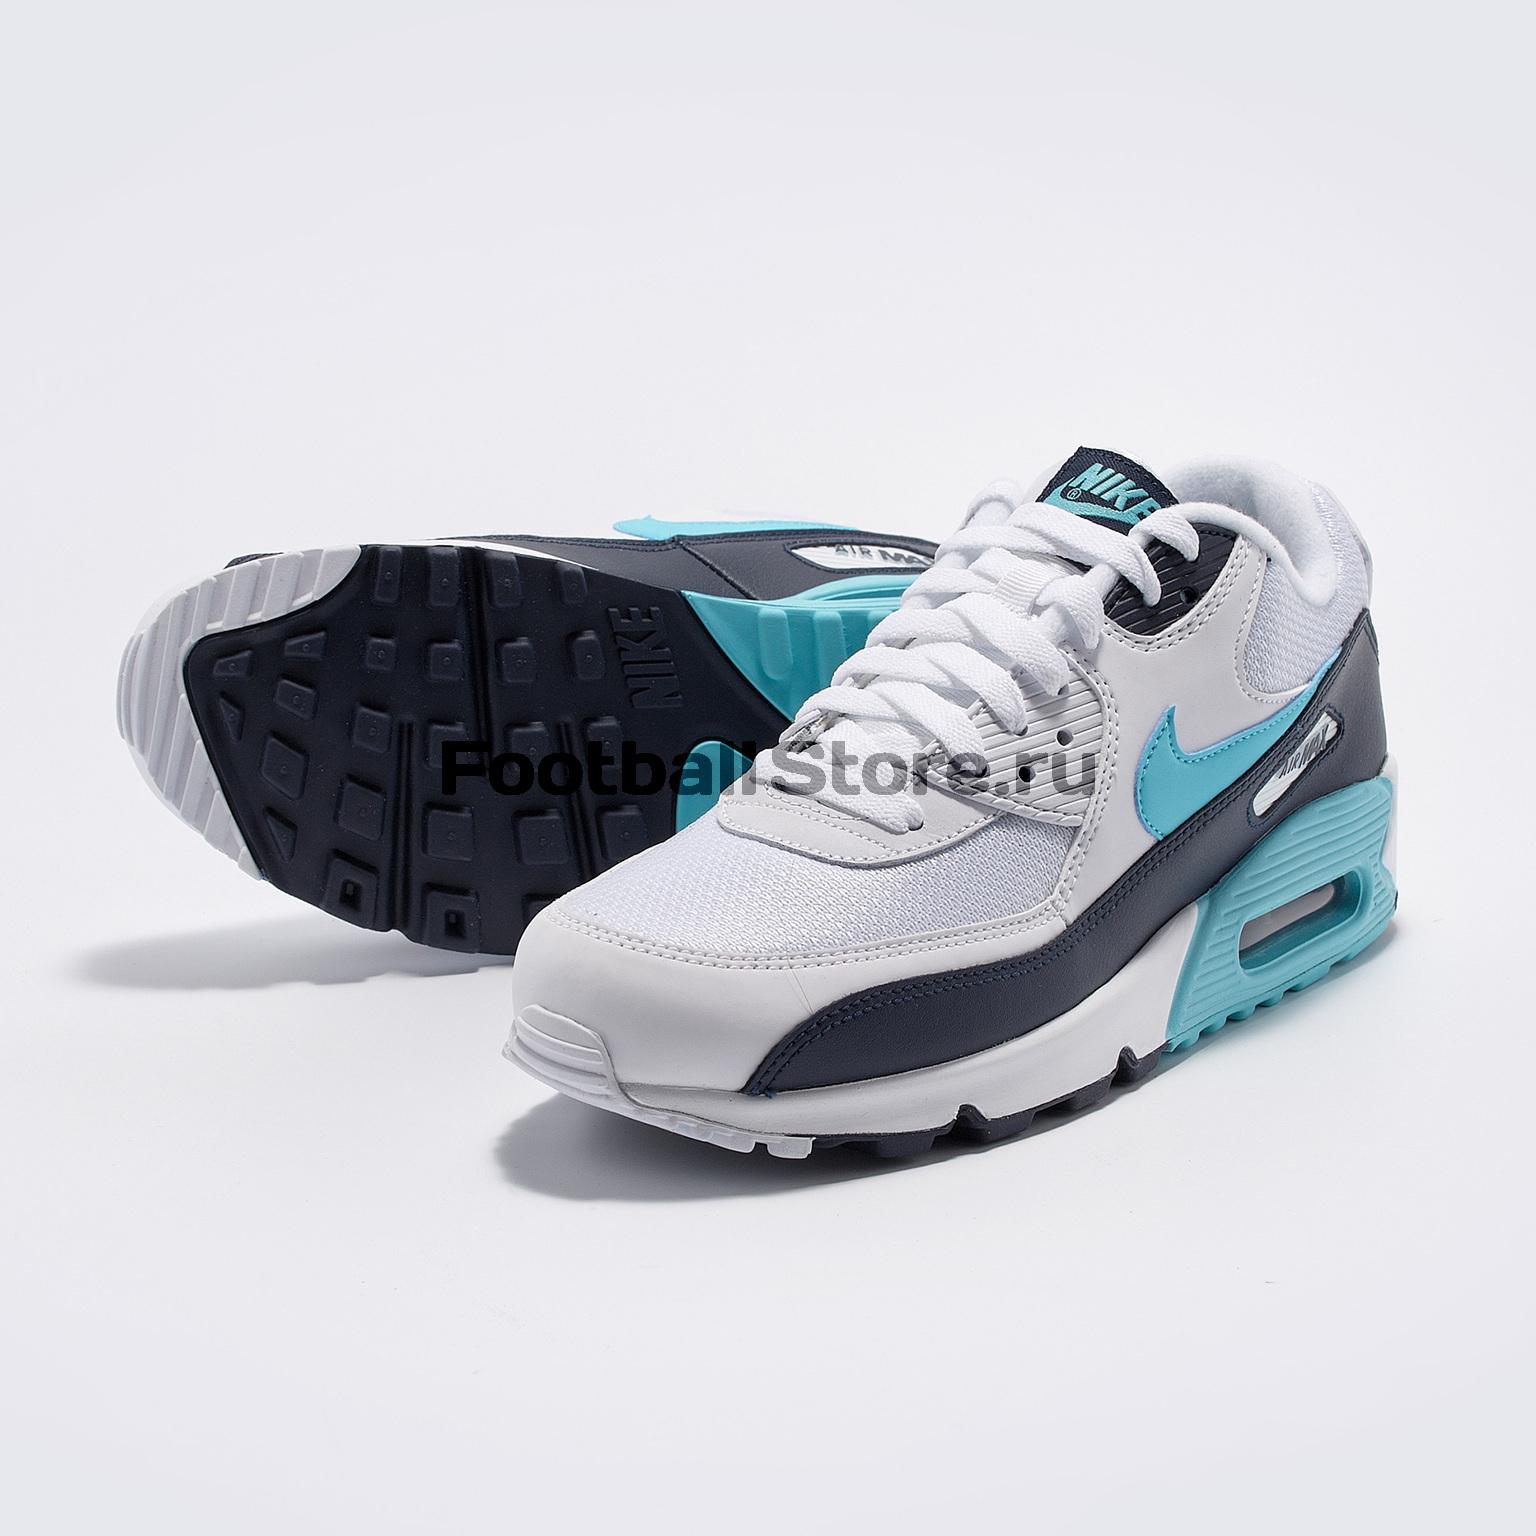 цена на Кроссовки Nike Air Max 90 Essential AJ1285-102